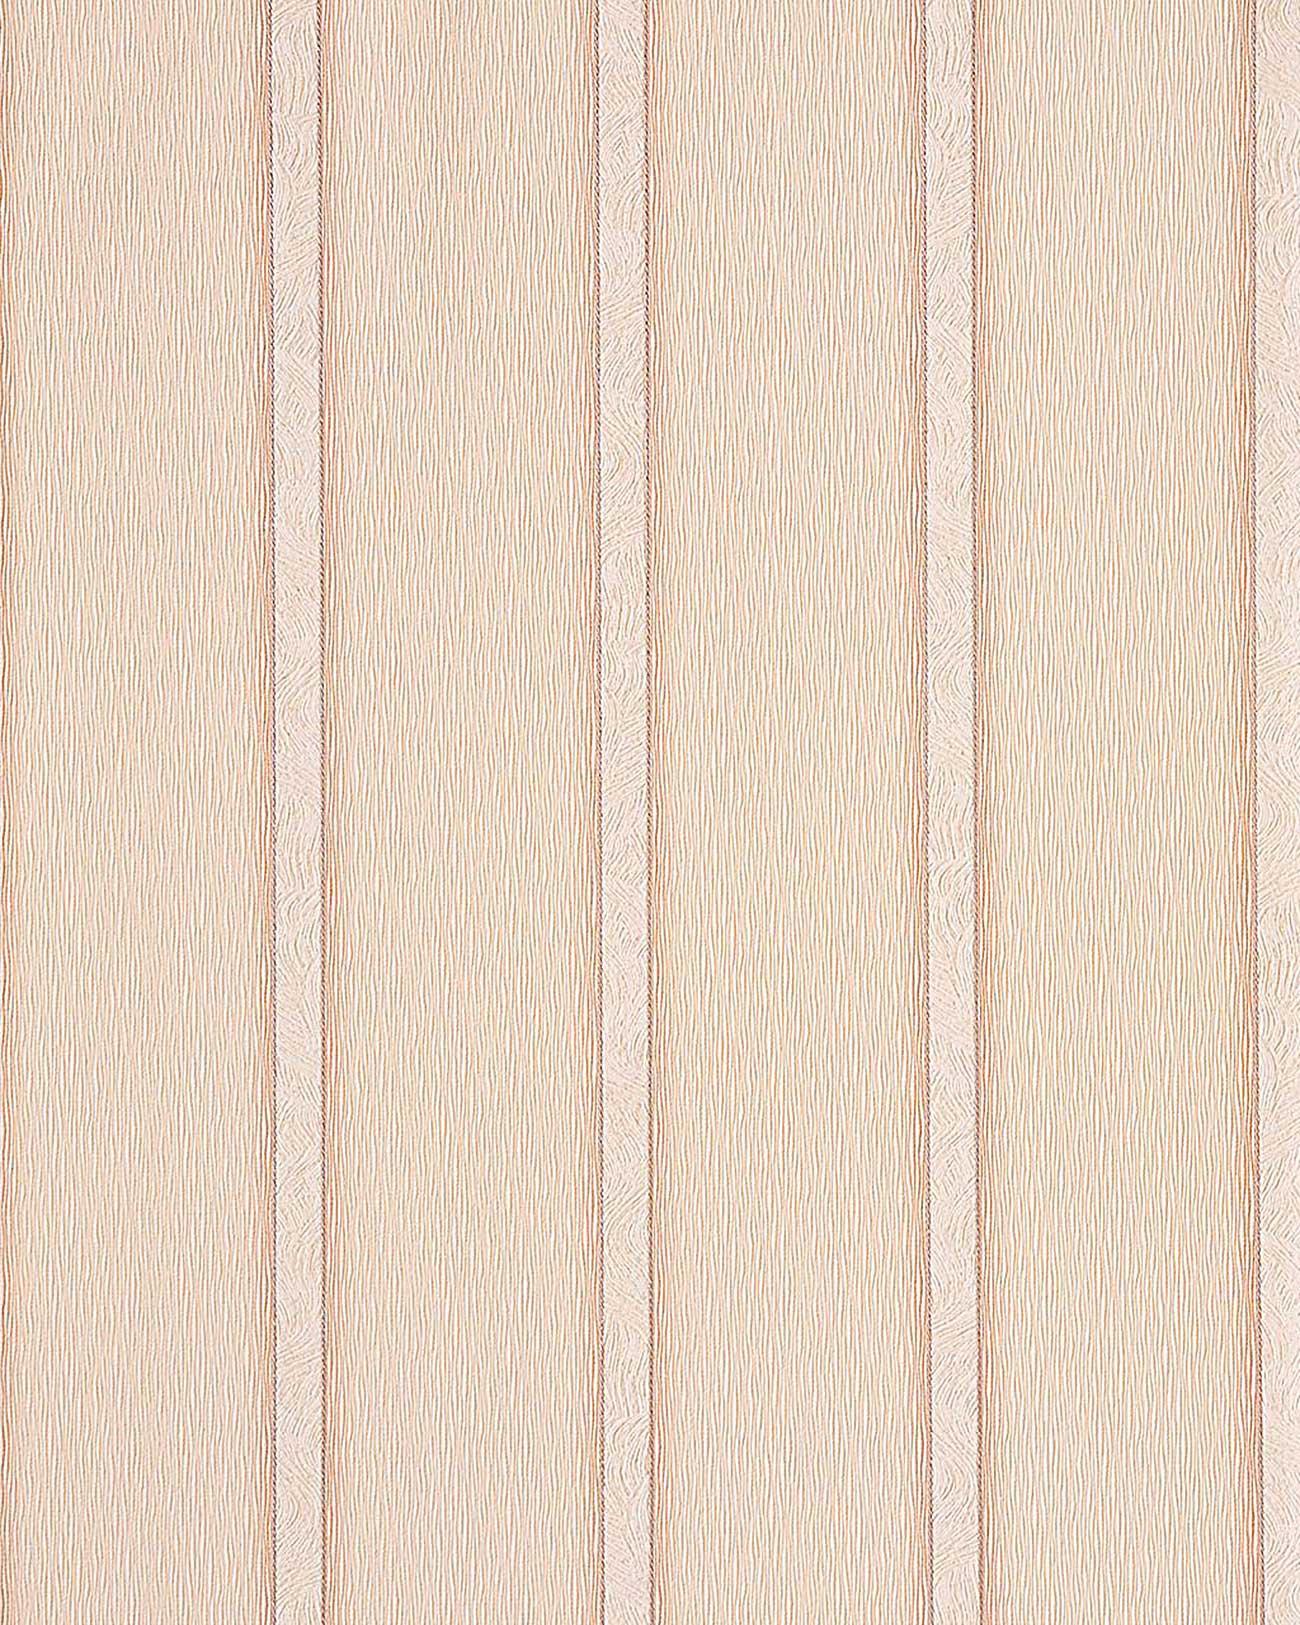 edem 174 33 design streifen tapete beige mit pfirsich farbton silberne konturen kaufen bei. Black Bedroom Furniture Sets. Home Design Ideas